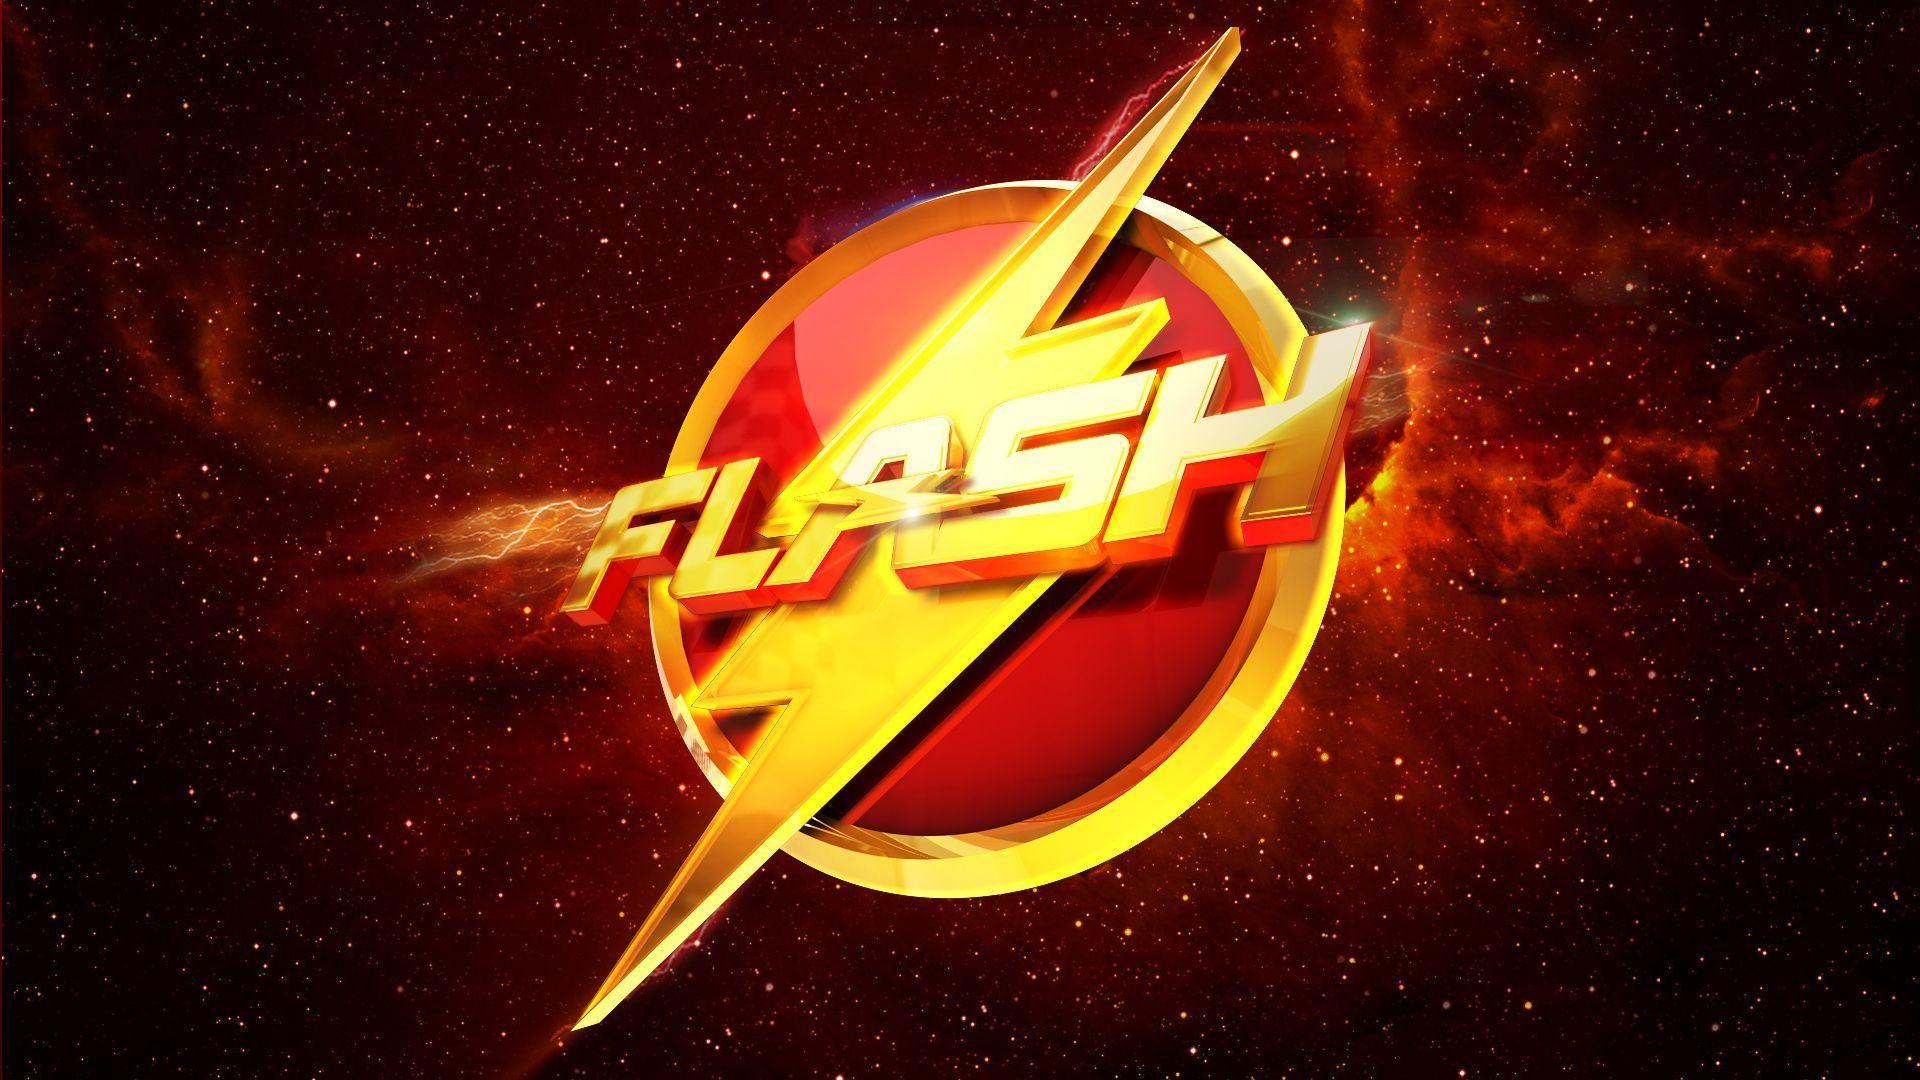 CW The Flash Wallpaper – WallpaperSafari